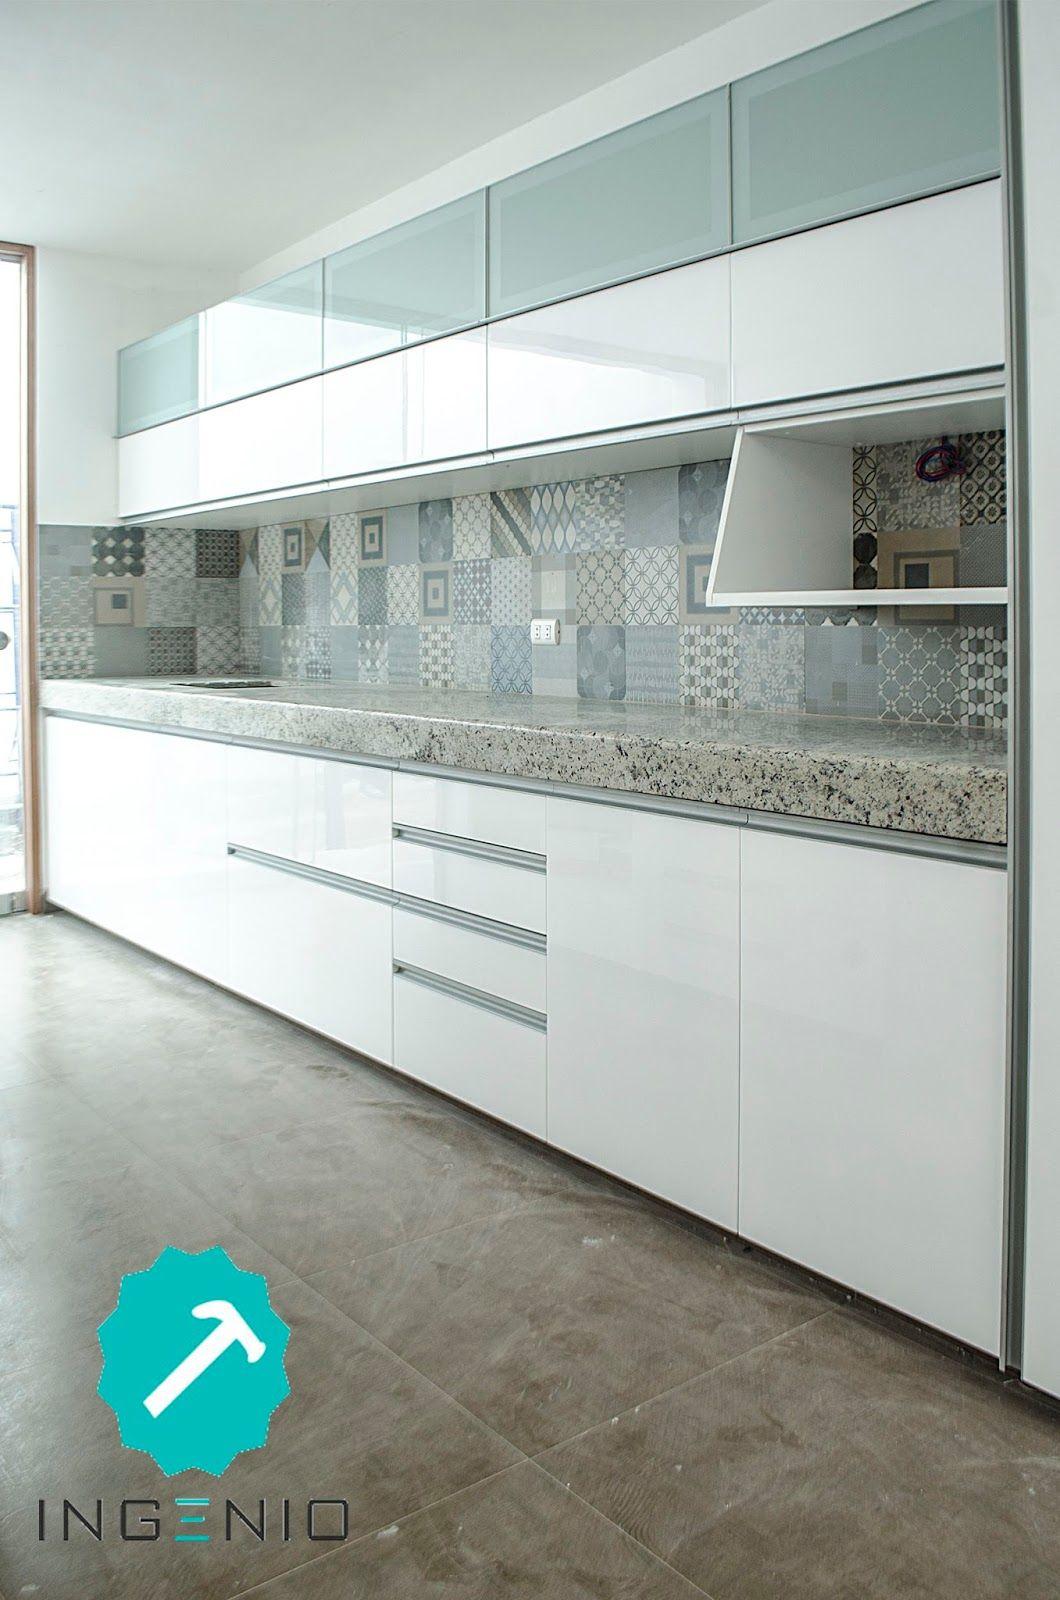 Mueble De Cocina Con Acabado Poliuretano Blanco Muebles De  ~ Programa Para Diseñar Cocinas Gratis